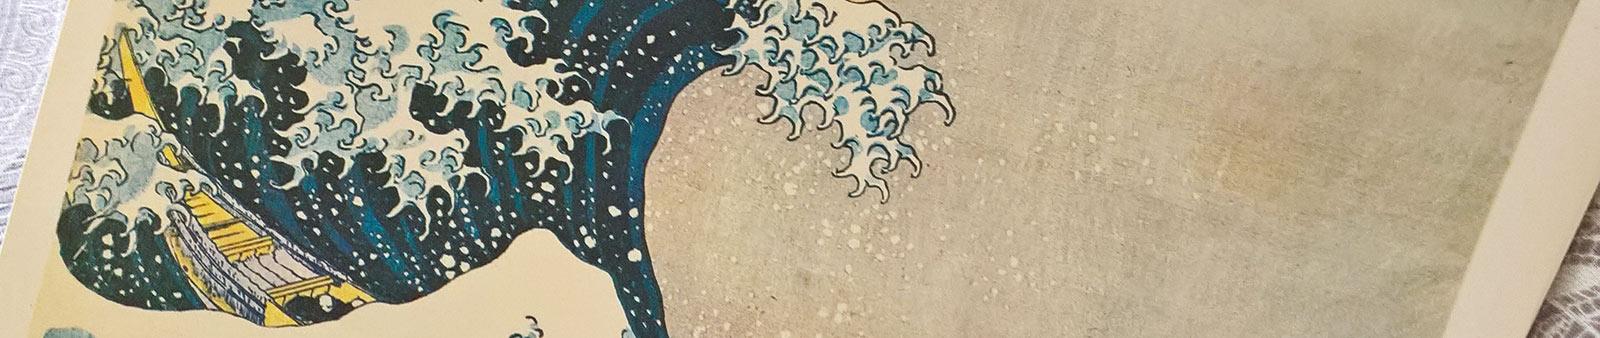 музей Хокусая, токио, Япония, sumida Hokusai museum